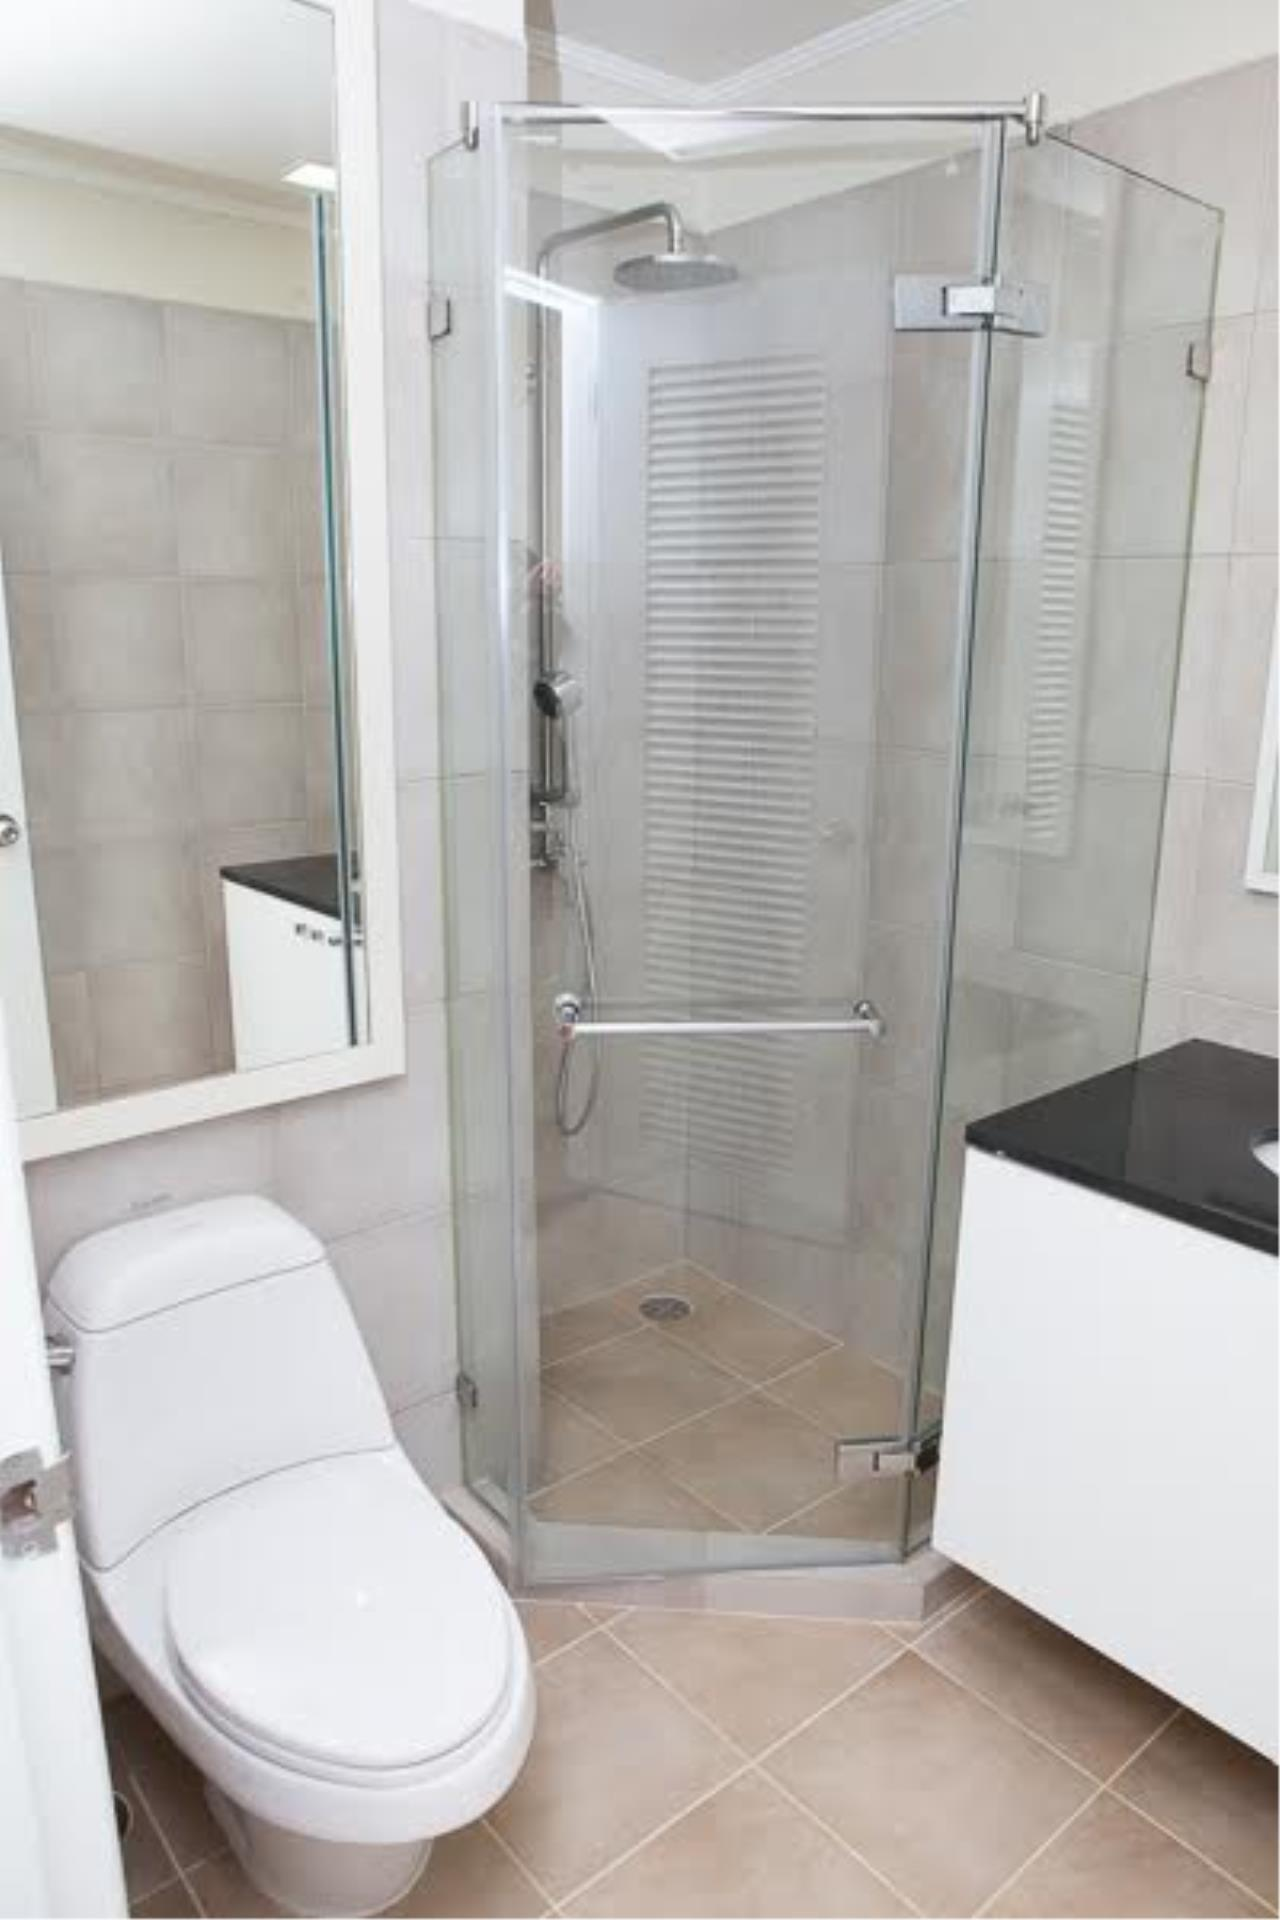 RE/MAX BestLife Agency's Hampton Court Rent 3 bedrooms Thong Lor 1